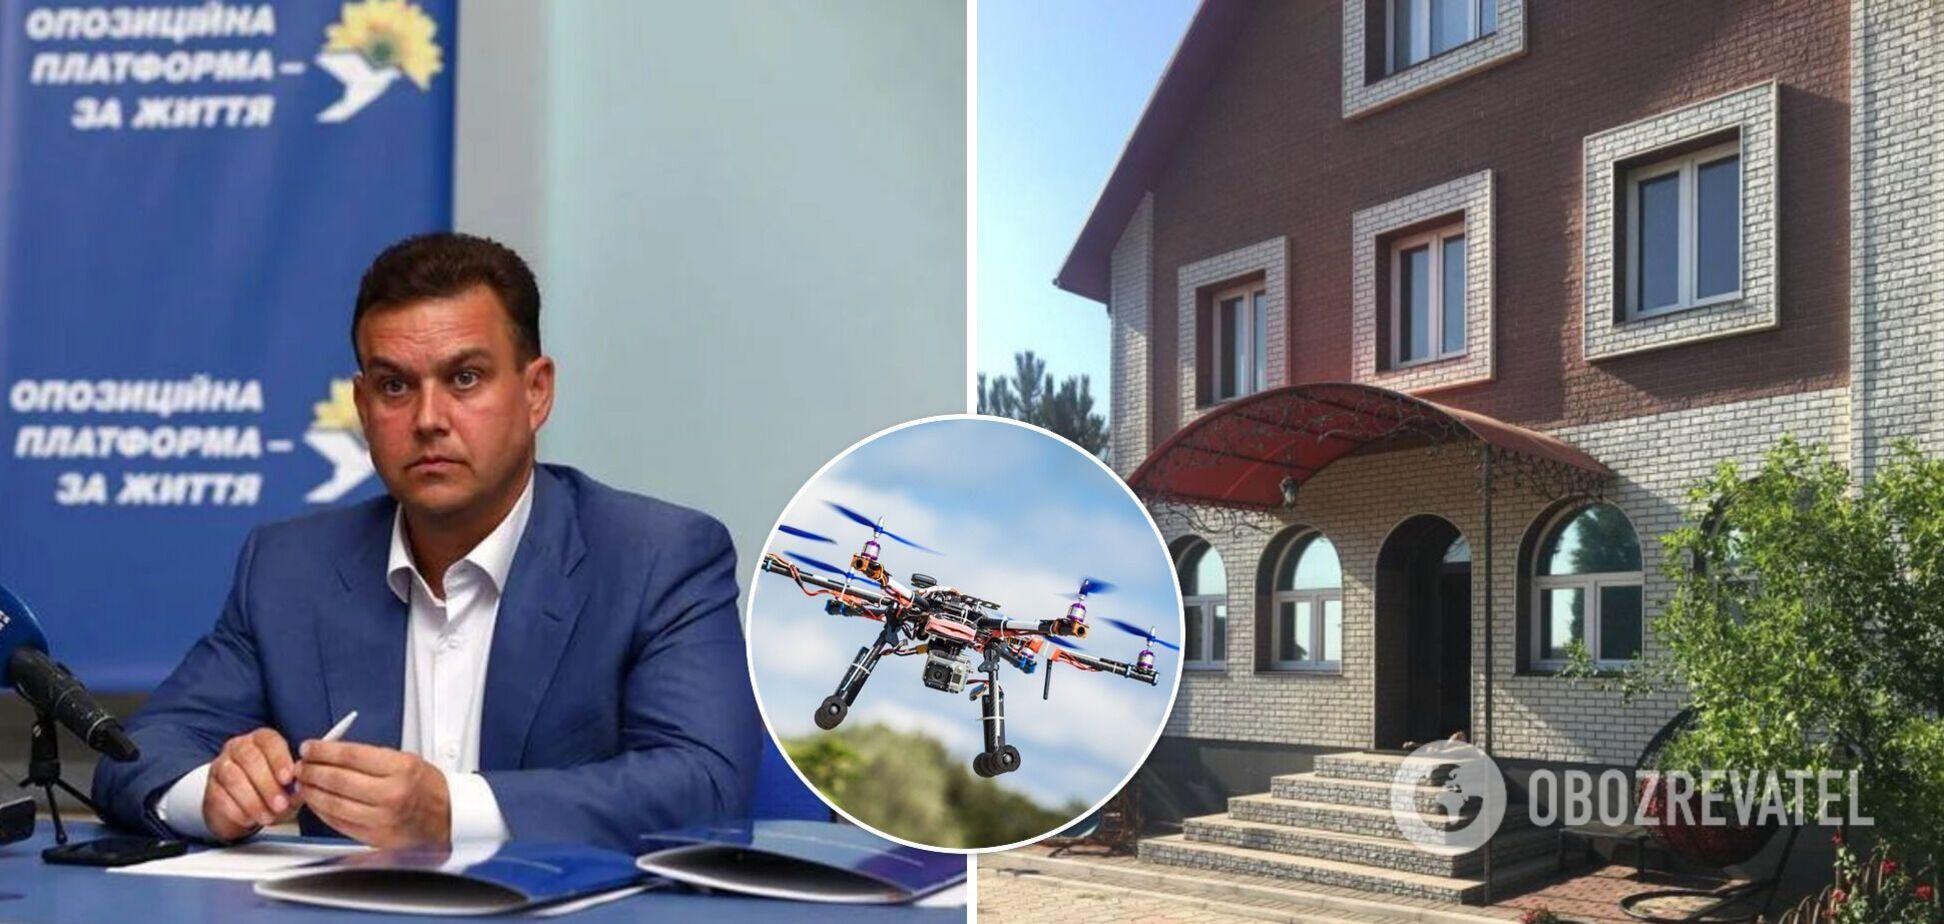 Боявся підходити до вікон, над будинком літали дрони: з'ясувалися нові деталі у справі про смерть мера Кривого Рогу